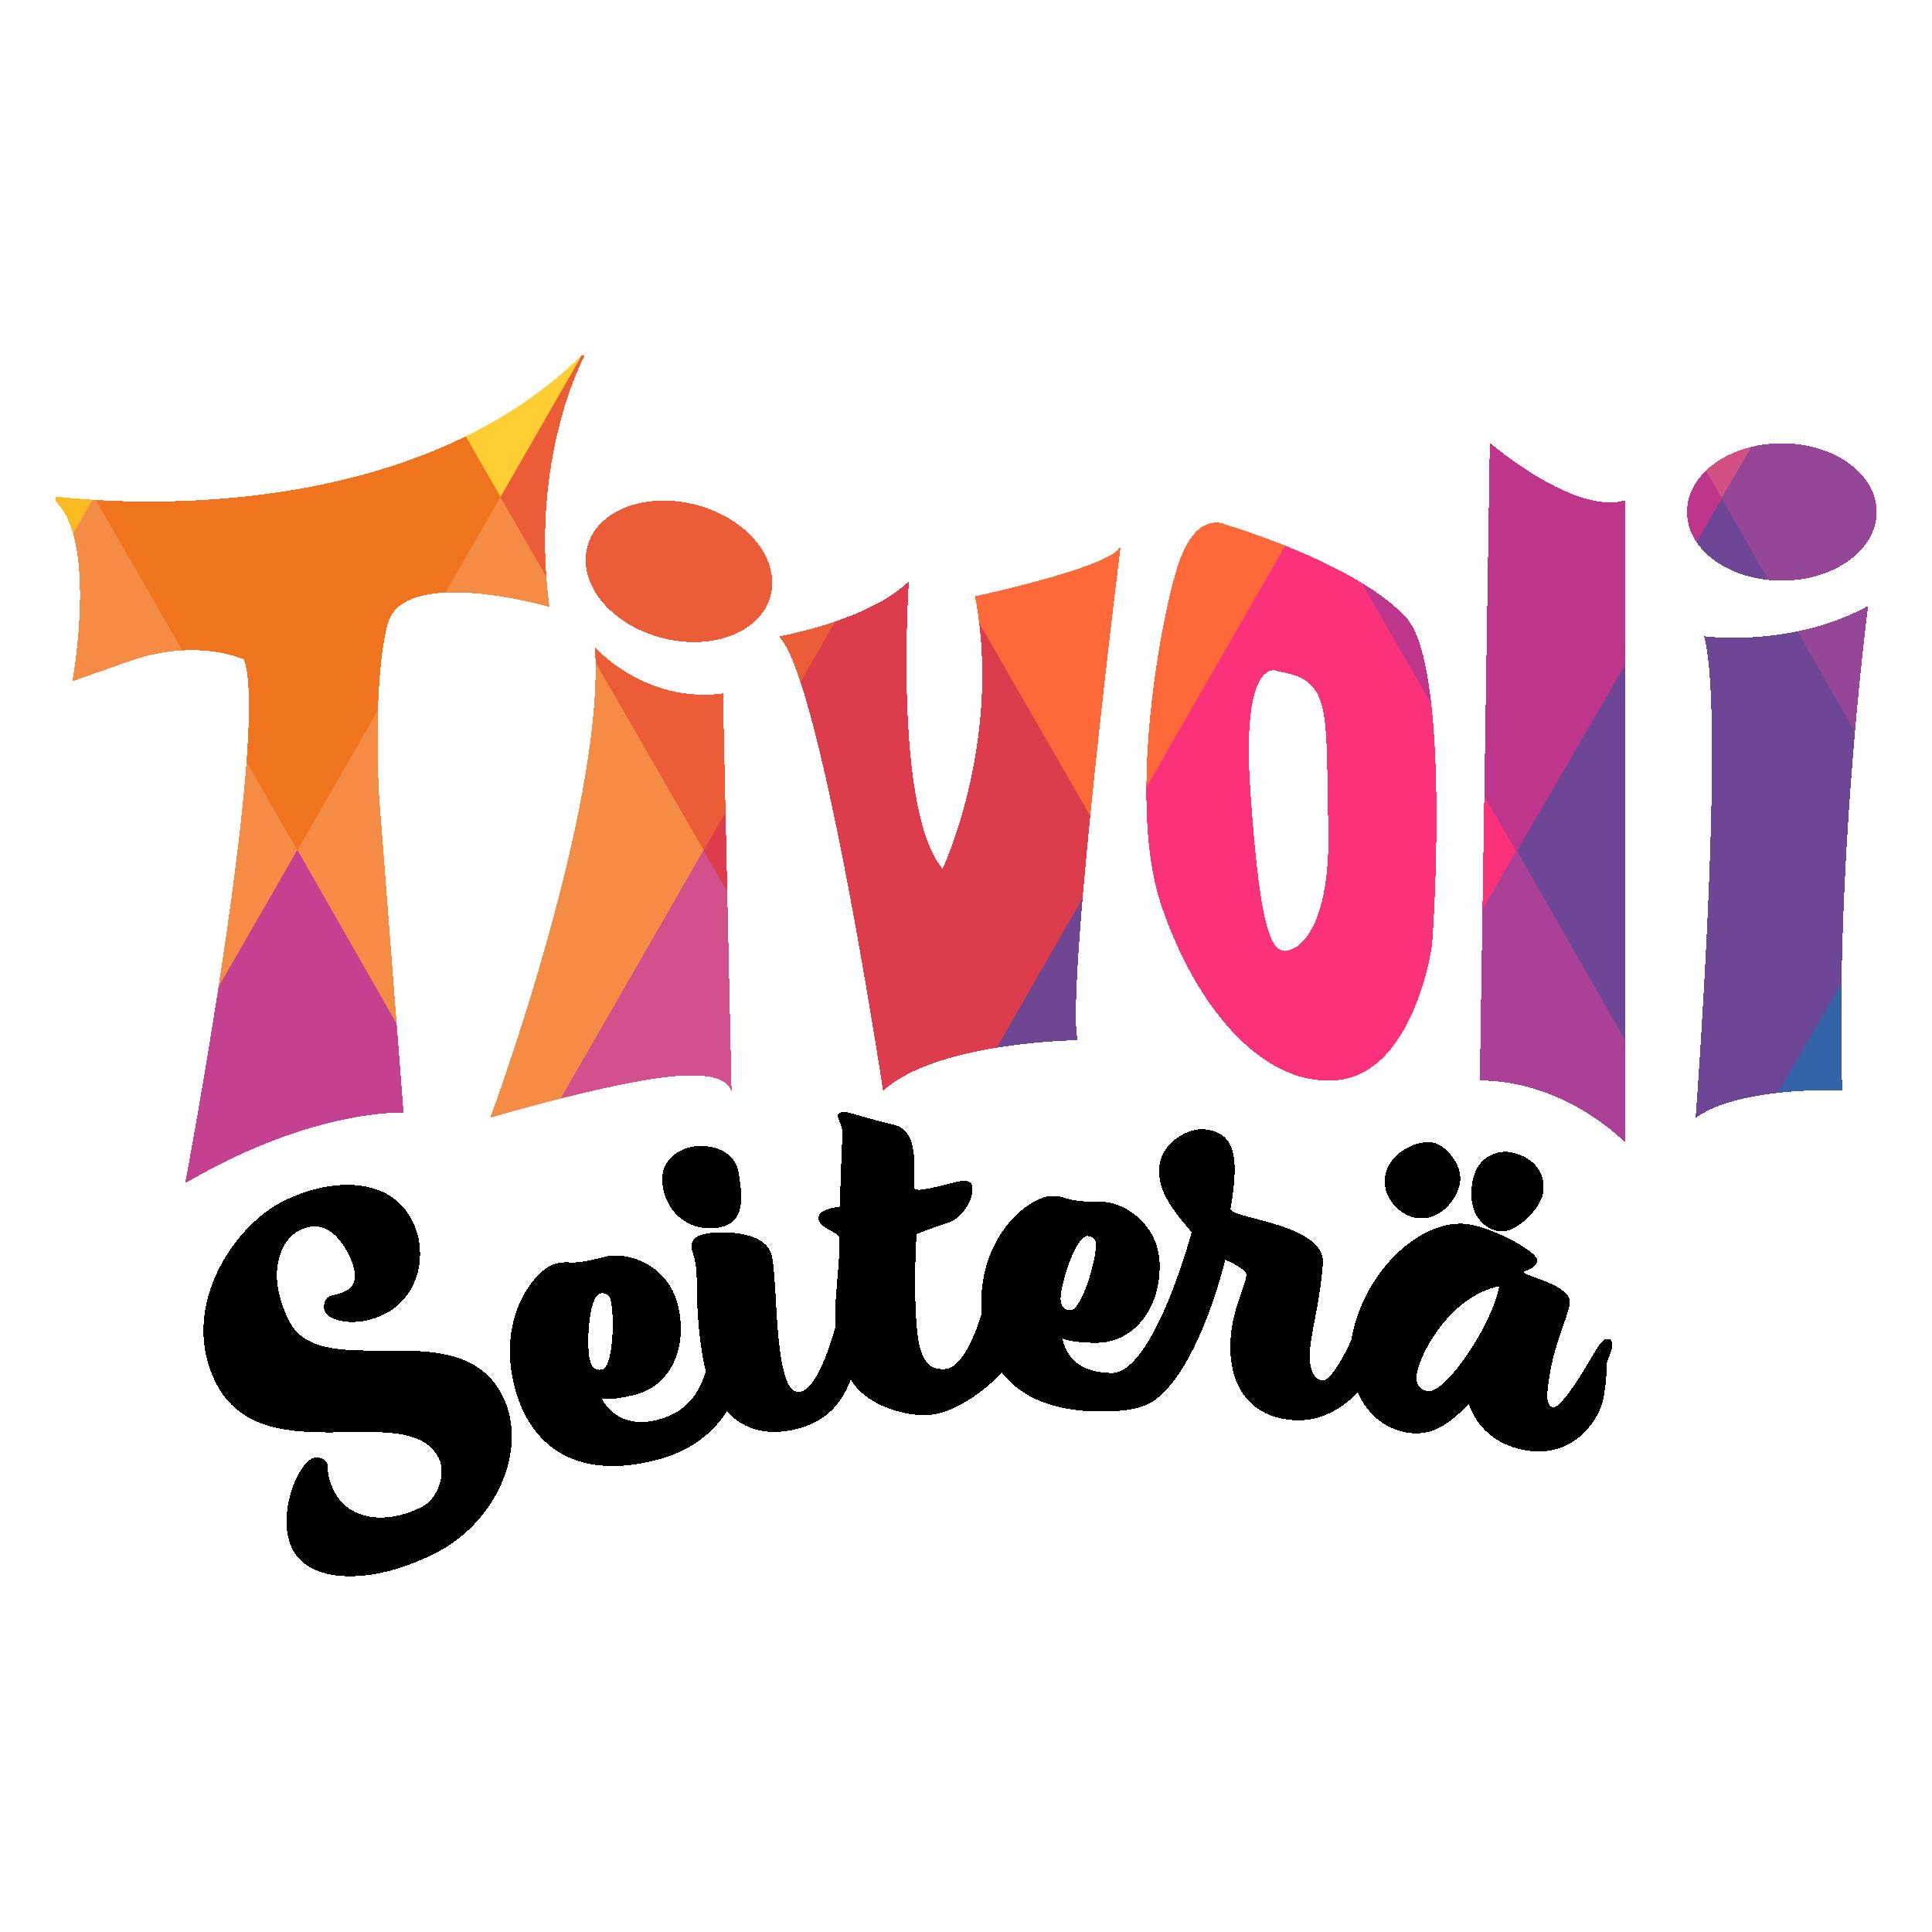 Tivoli Seiterä logo